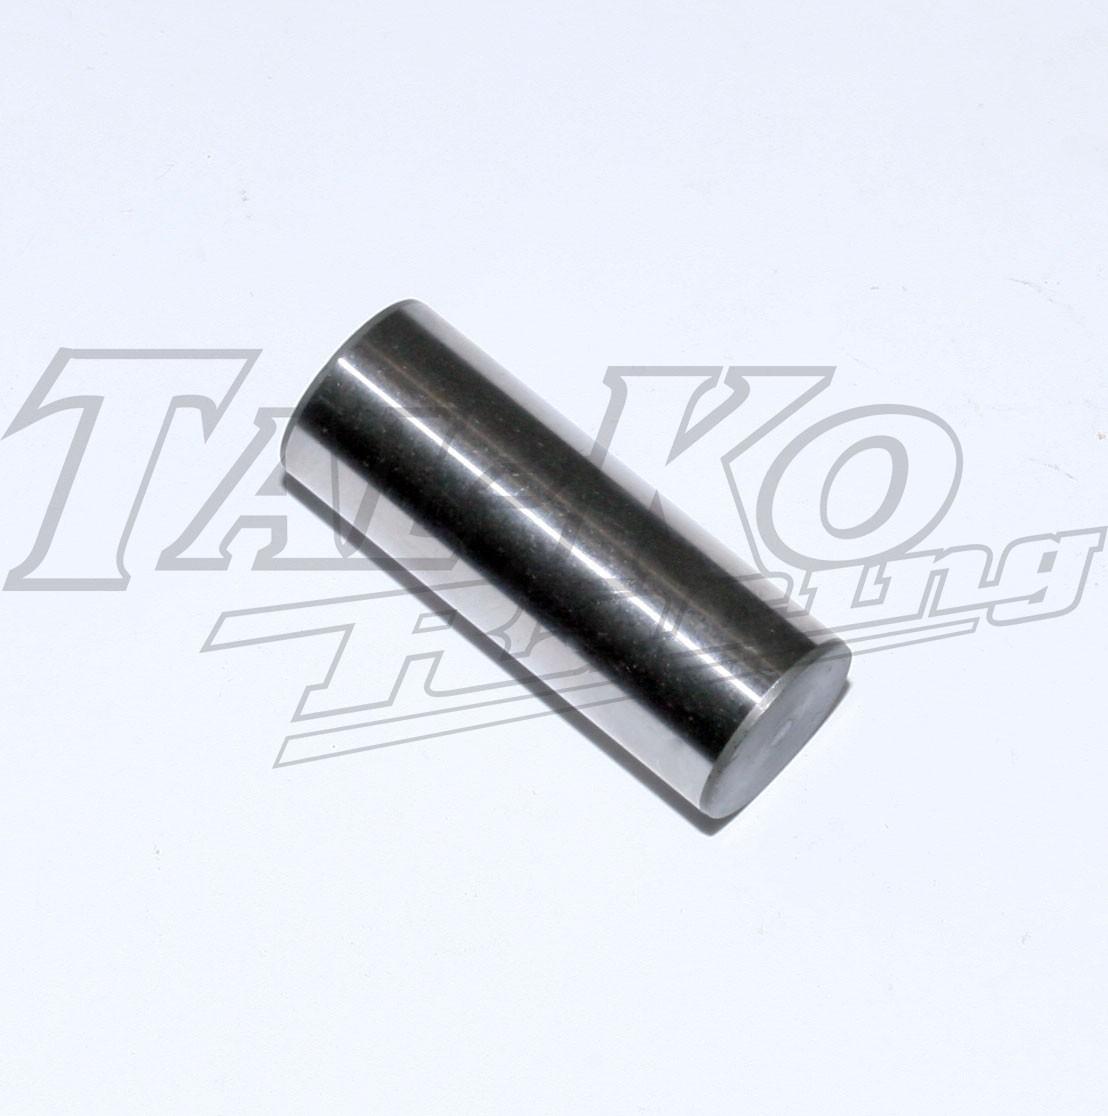 CRANK BIG END PIN SOLID 18 x 47 (18.03mm)